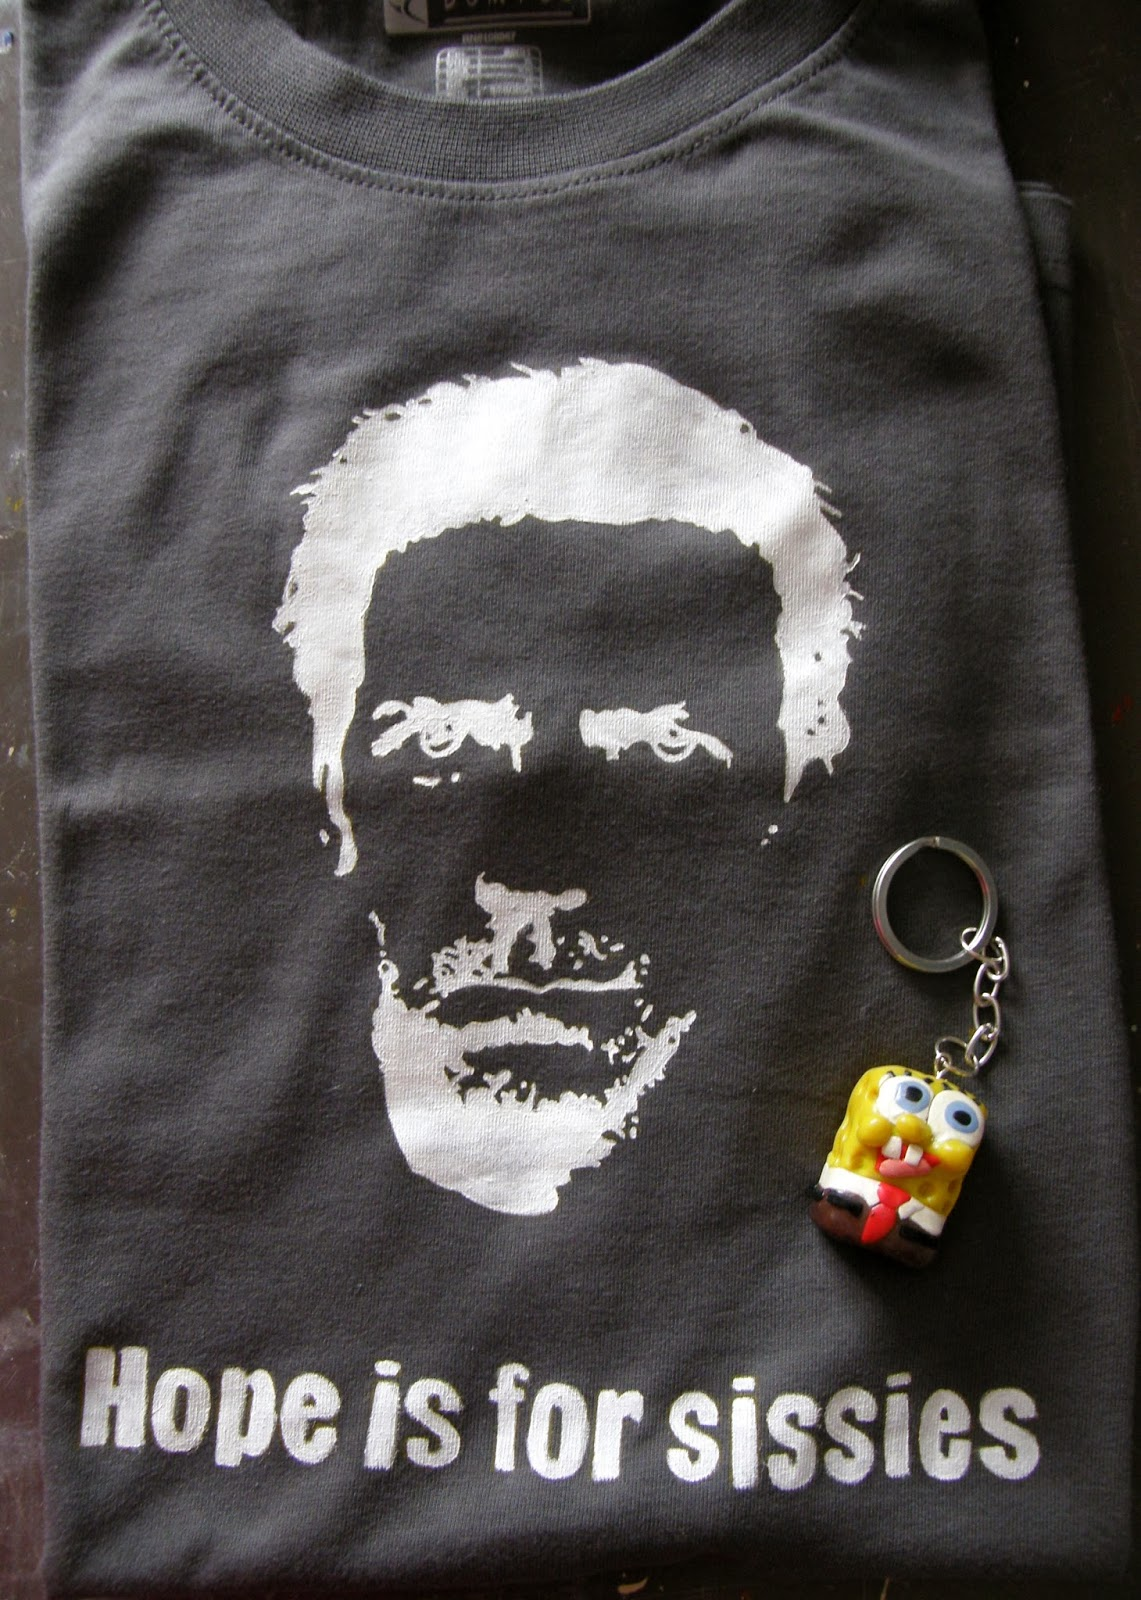 http://www.elrincondefrifri.com/2010/06/camiseta-de-house-md.html